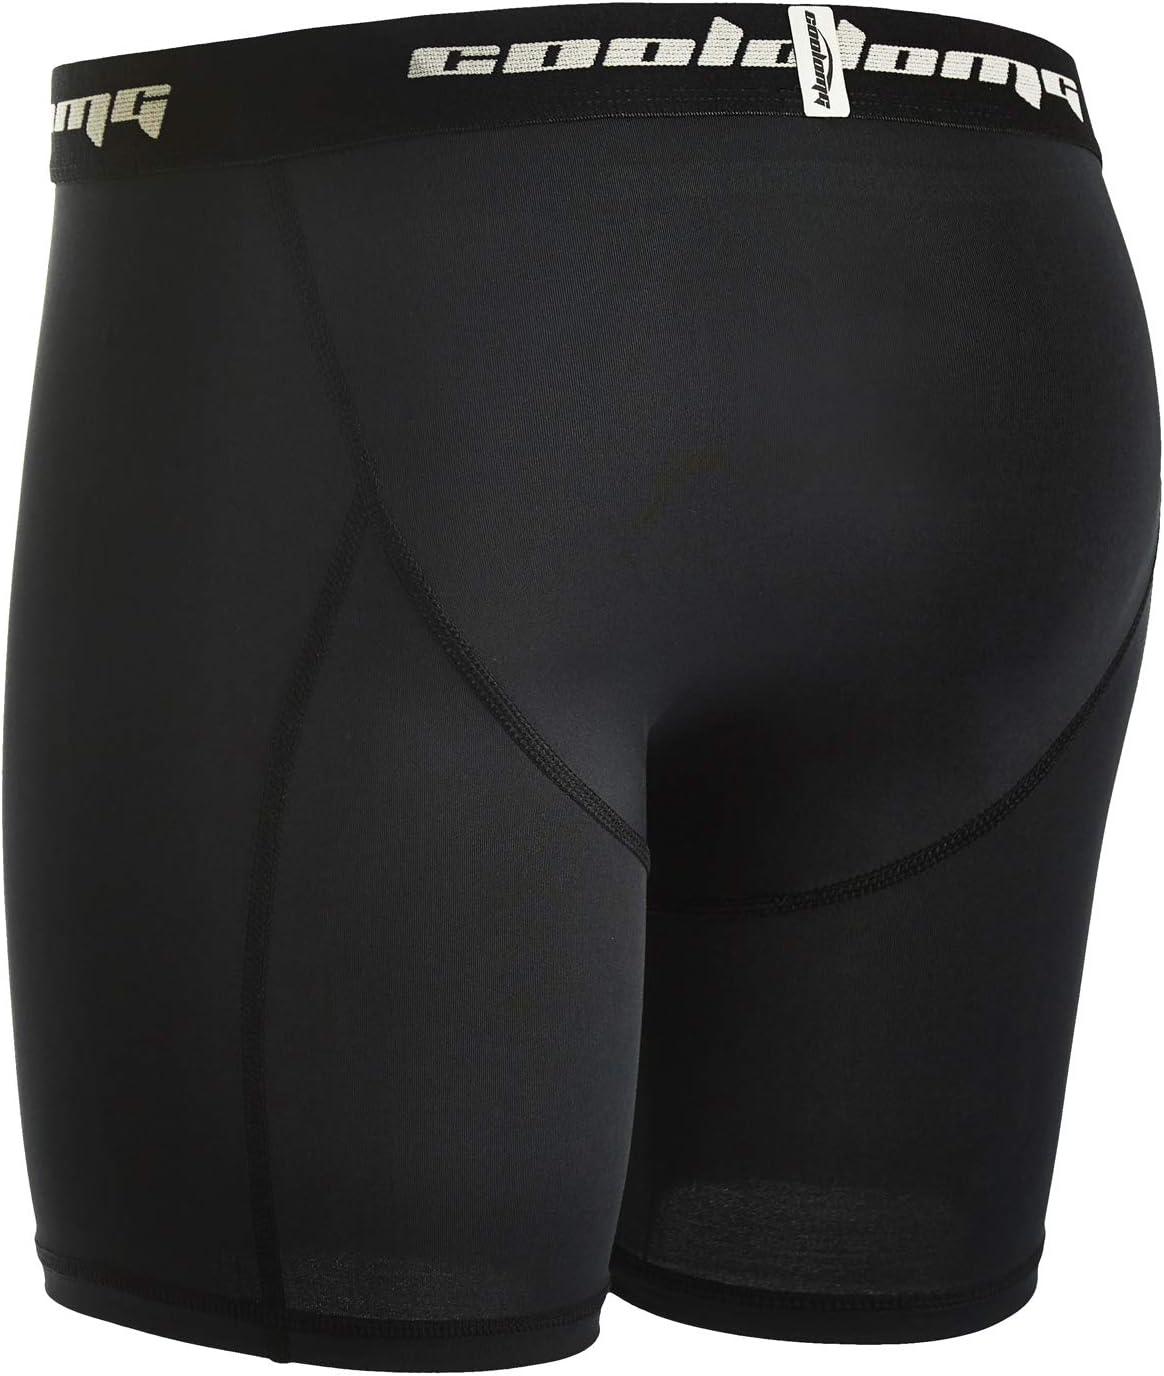 gar/çon sous-v/êtements fonctionnels multi-usages COOLOMG Short de compression pour enfant avec bonnet pantalon de sport boxer de protection profonde